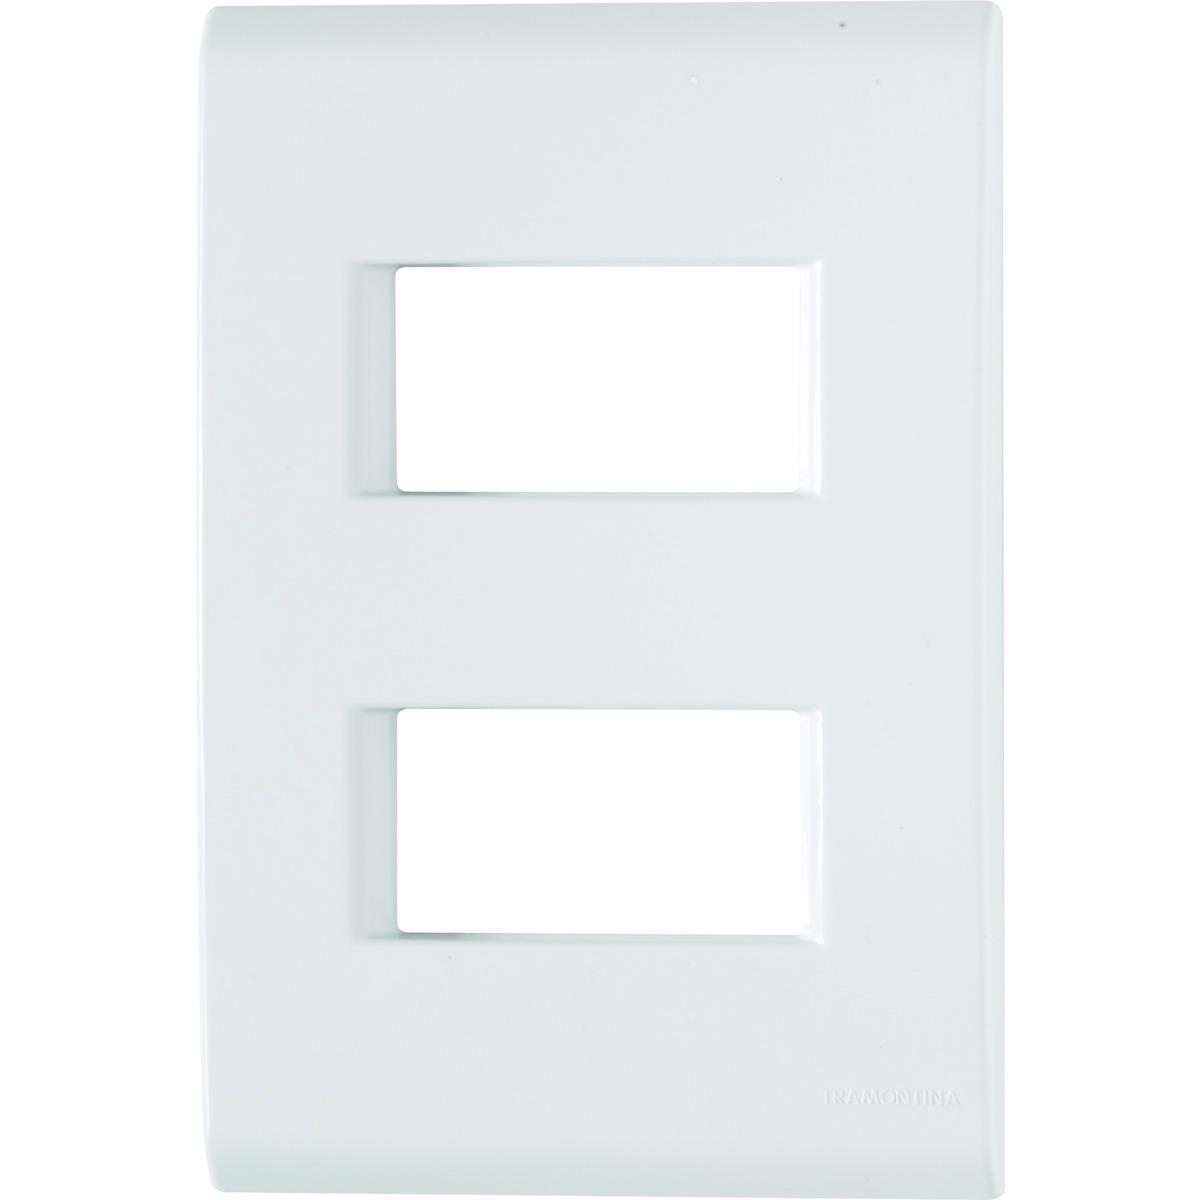 Placa 2 postos afastados - 4x2 - Tramontina